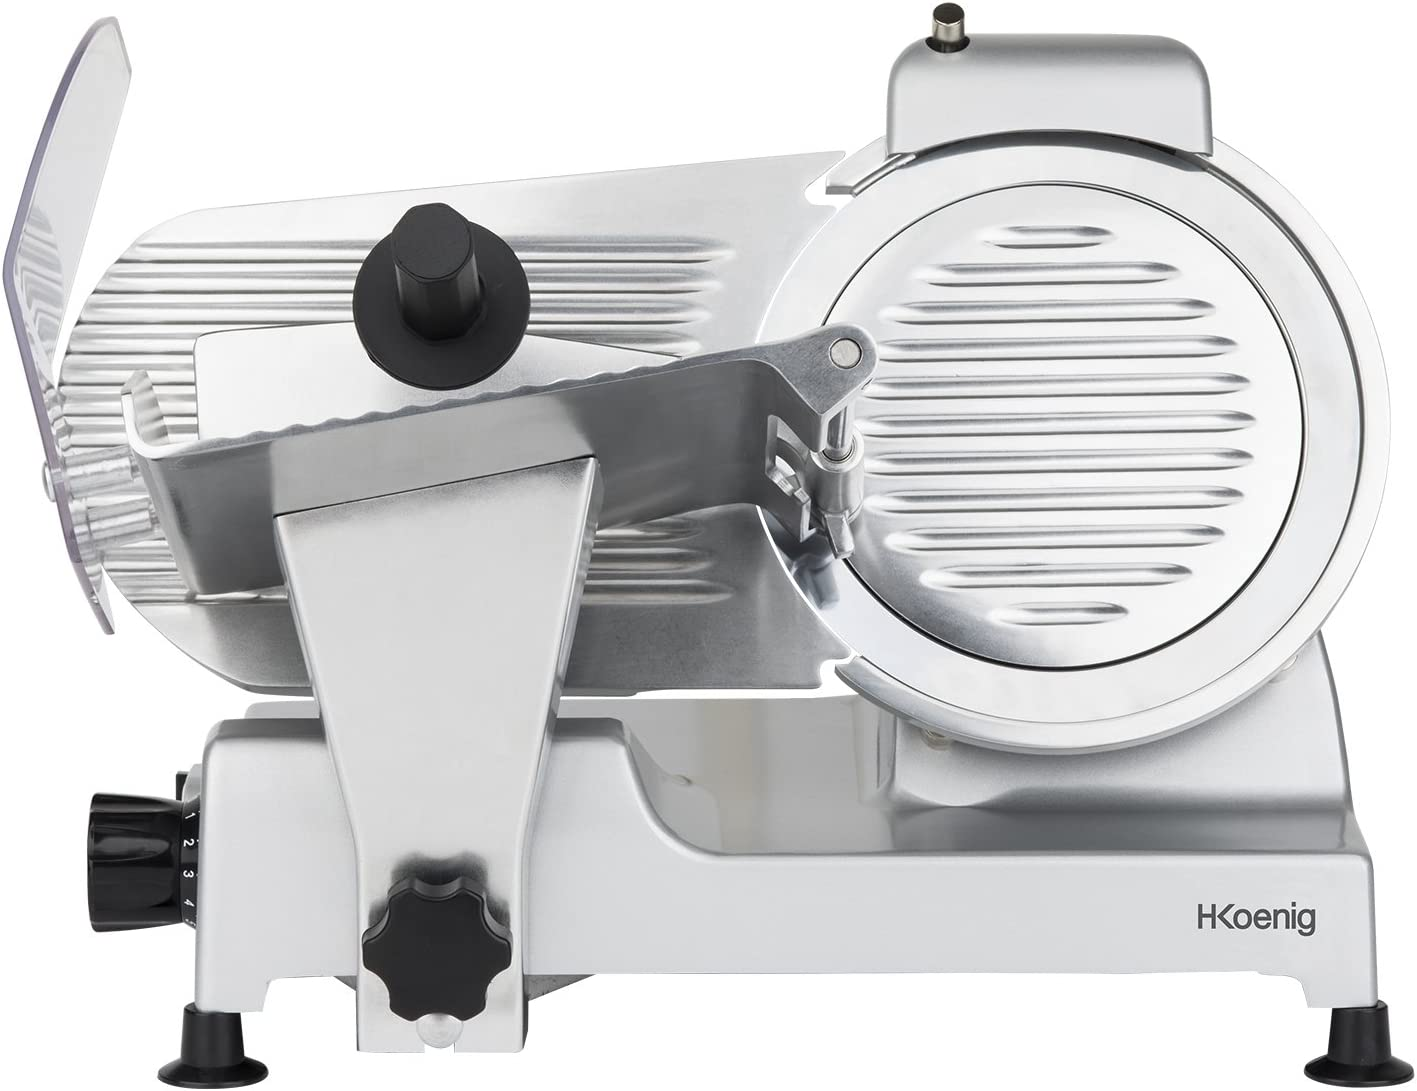 H.Koenig MSX220 Trancheuse à Viande Professionnelle